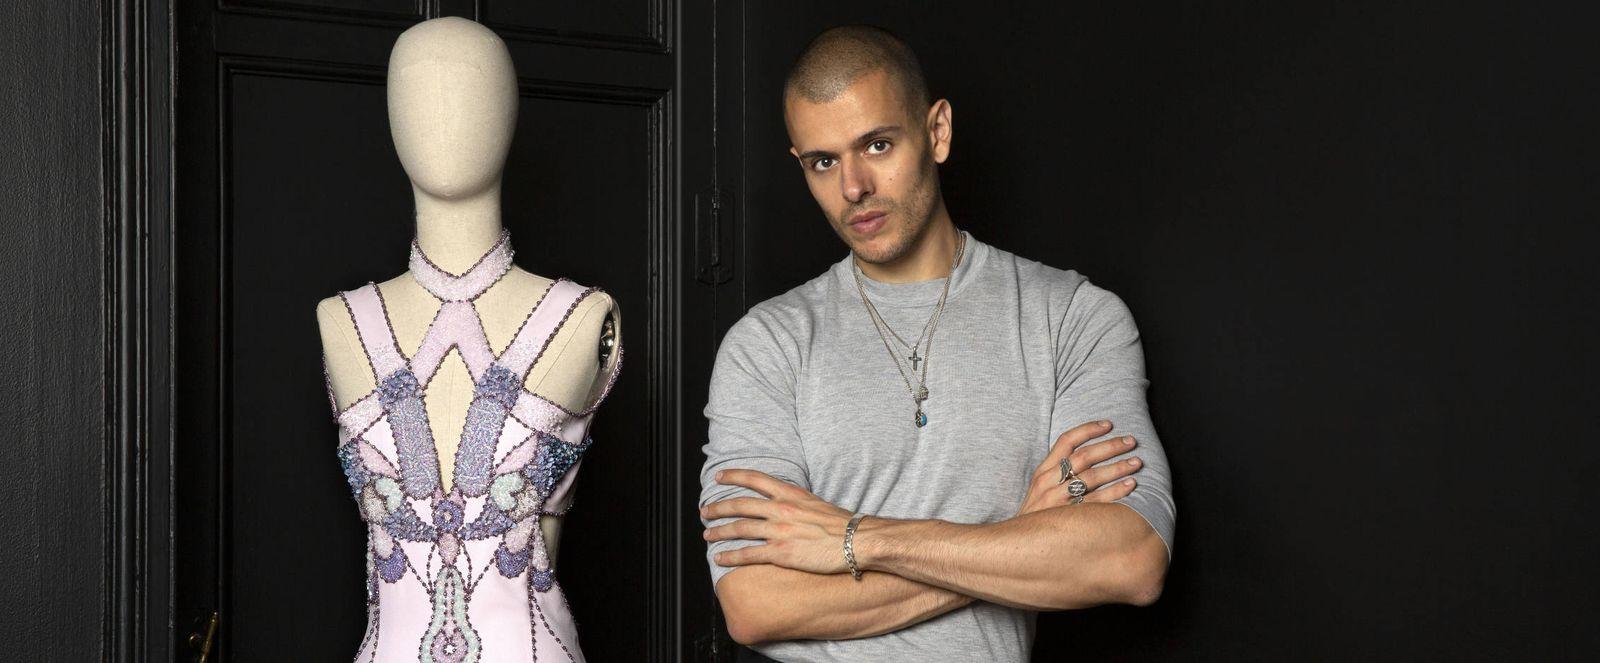 Foto: El diseñador español Andrés Acosta con una de sus creaciones. (Foto: Olga Moreno)